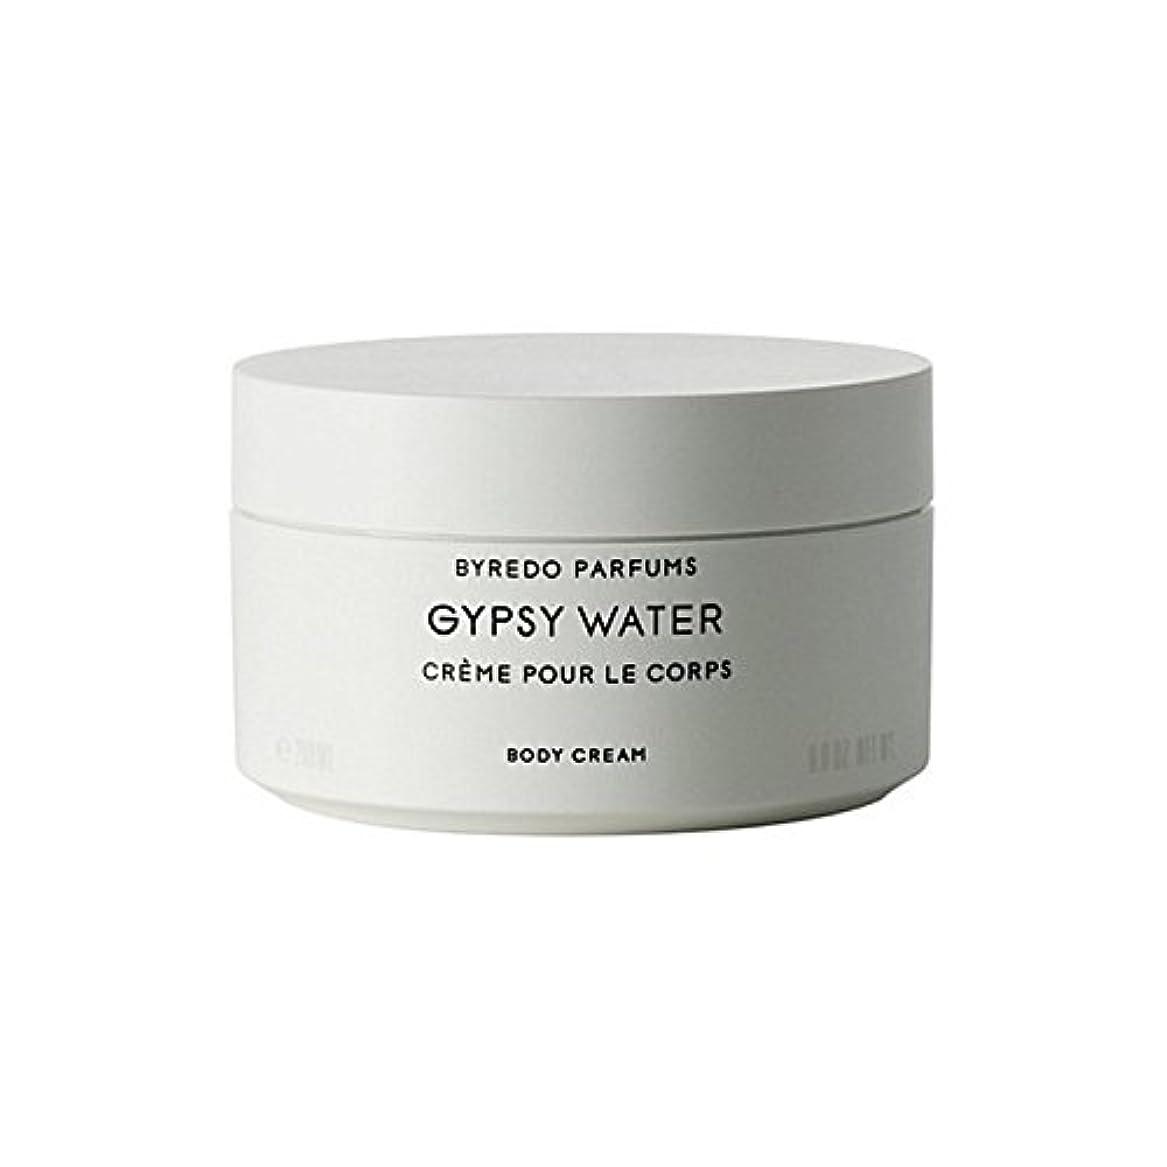 本物アレルギー影響を受けやすいですジプシー水ボディクリーム200ミリリットル x2 - Byredo Gypsy Water Body Cream 200ml (Pack of 2) [並行輸入品]